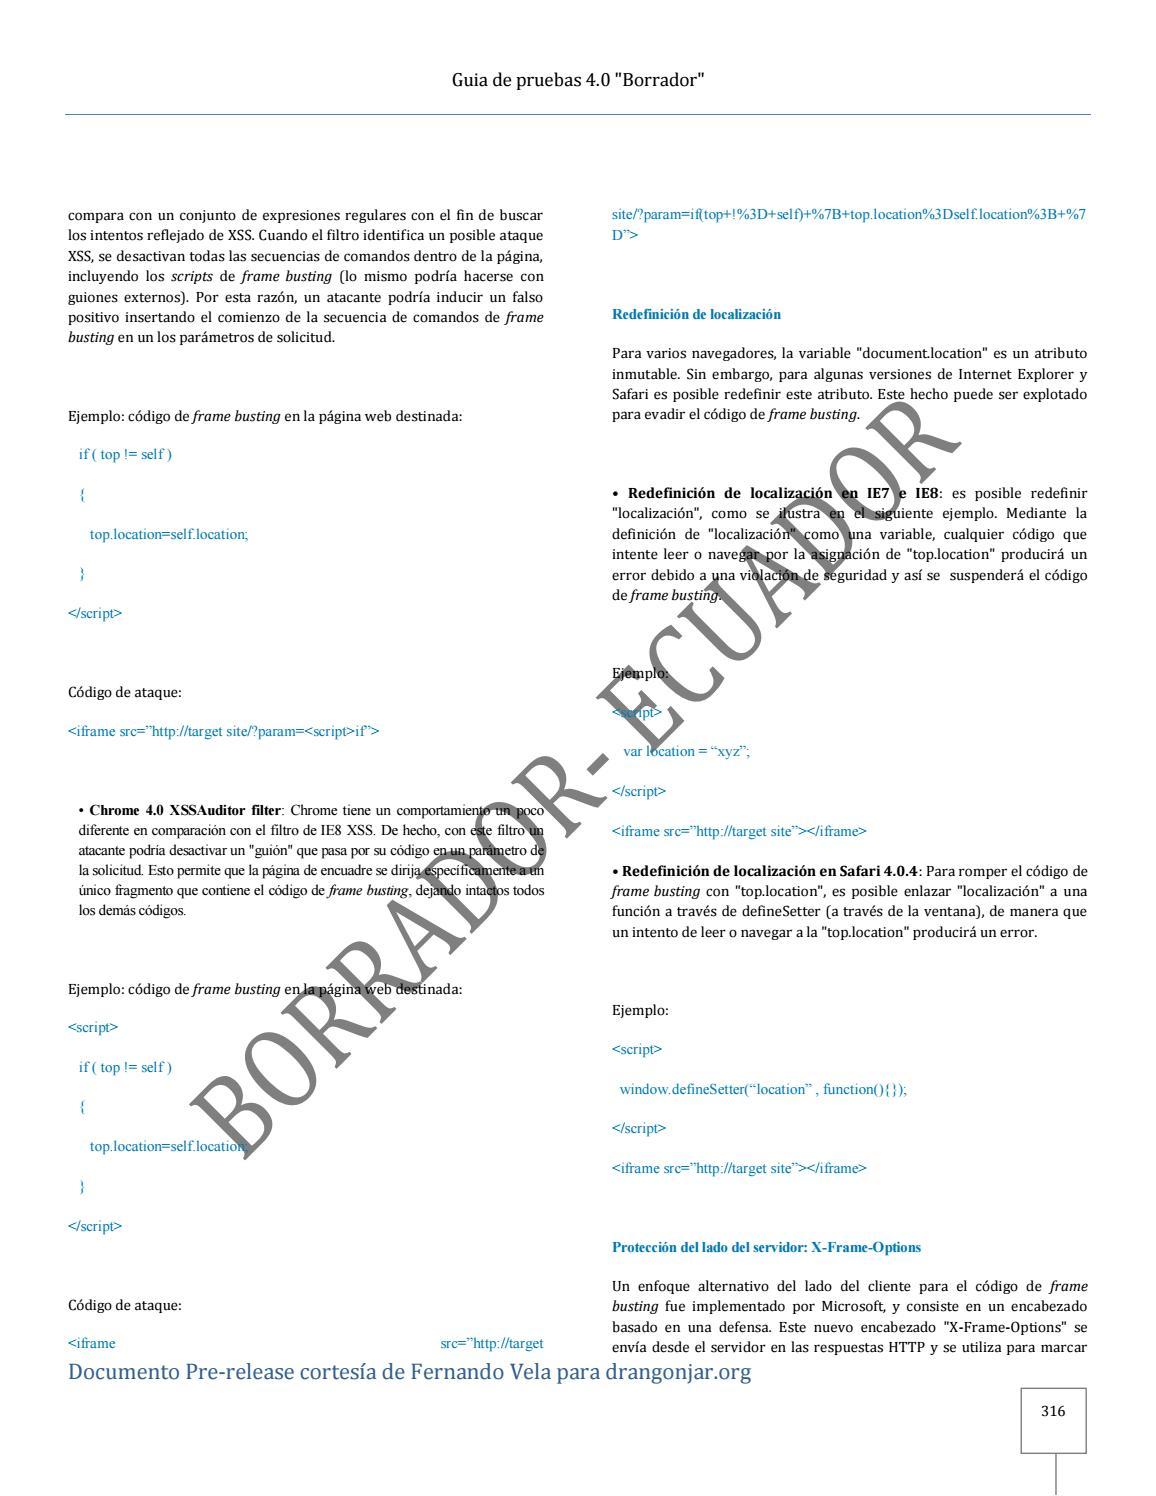 Guia de pruebas OWASP 4 0 Español